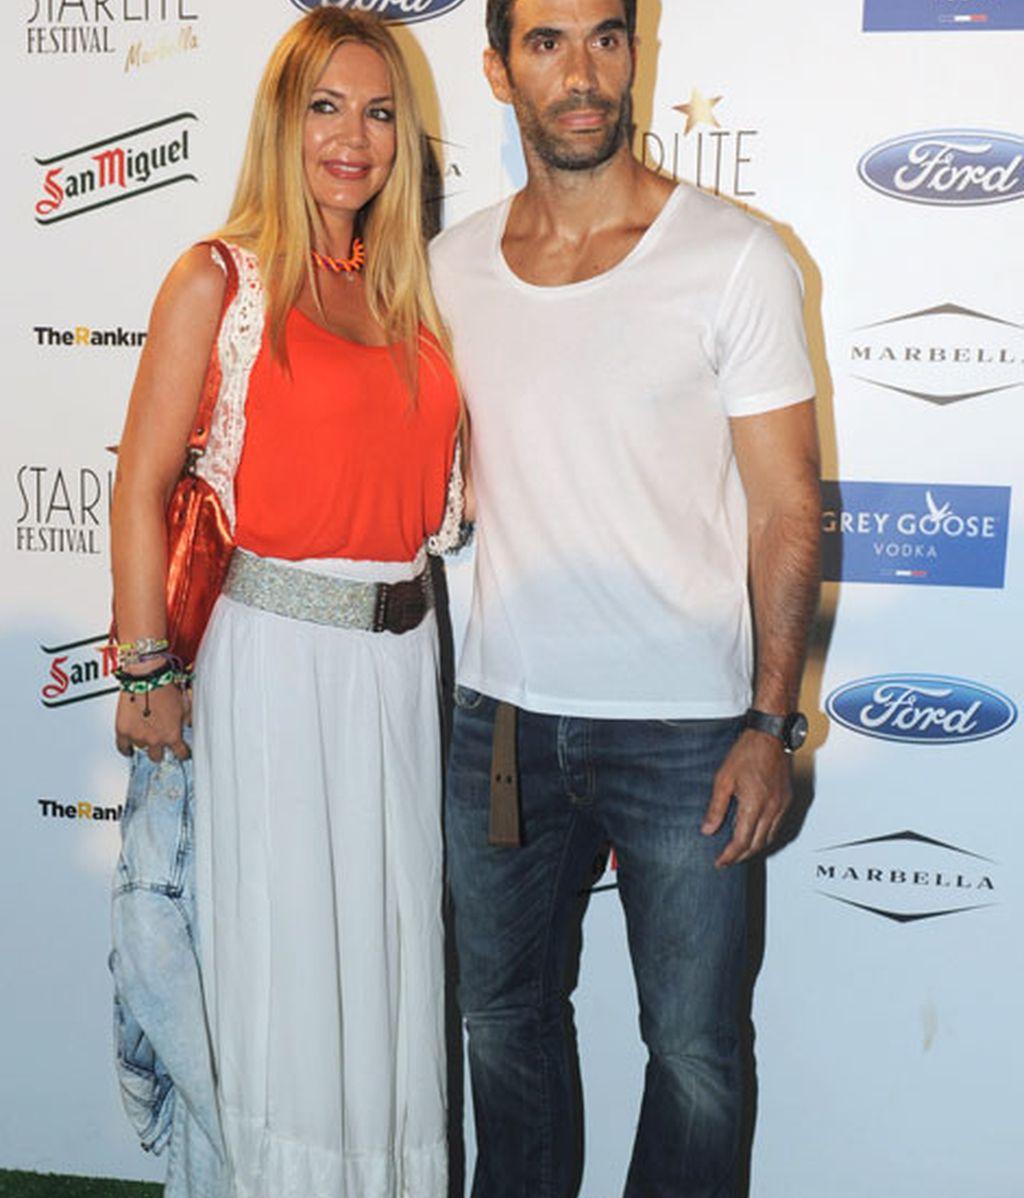 La presentadora Ingrid Asensio junto a Fernando Sanz